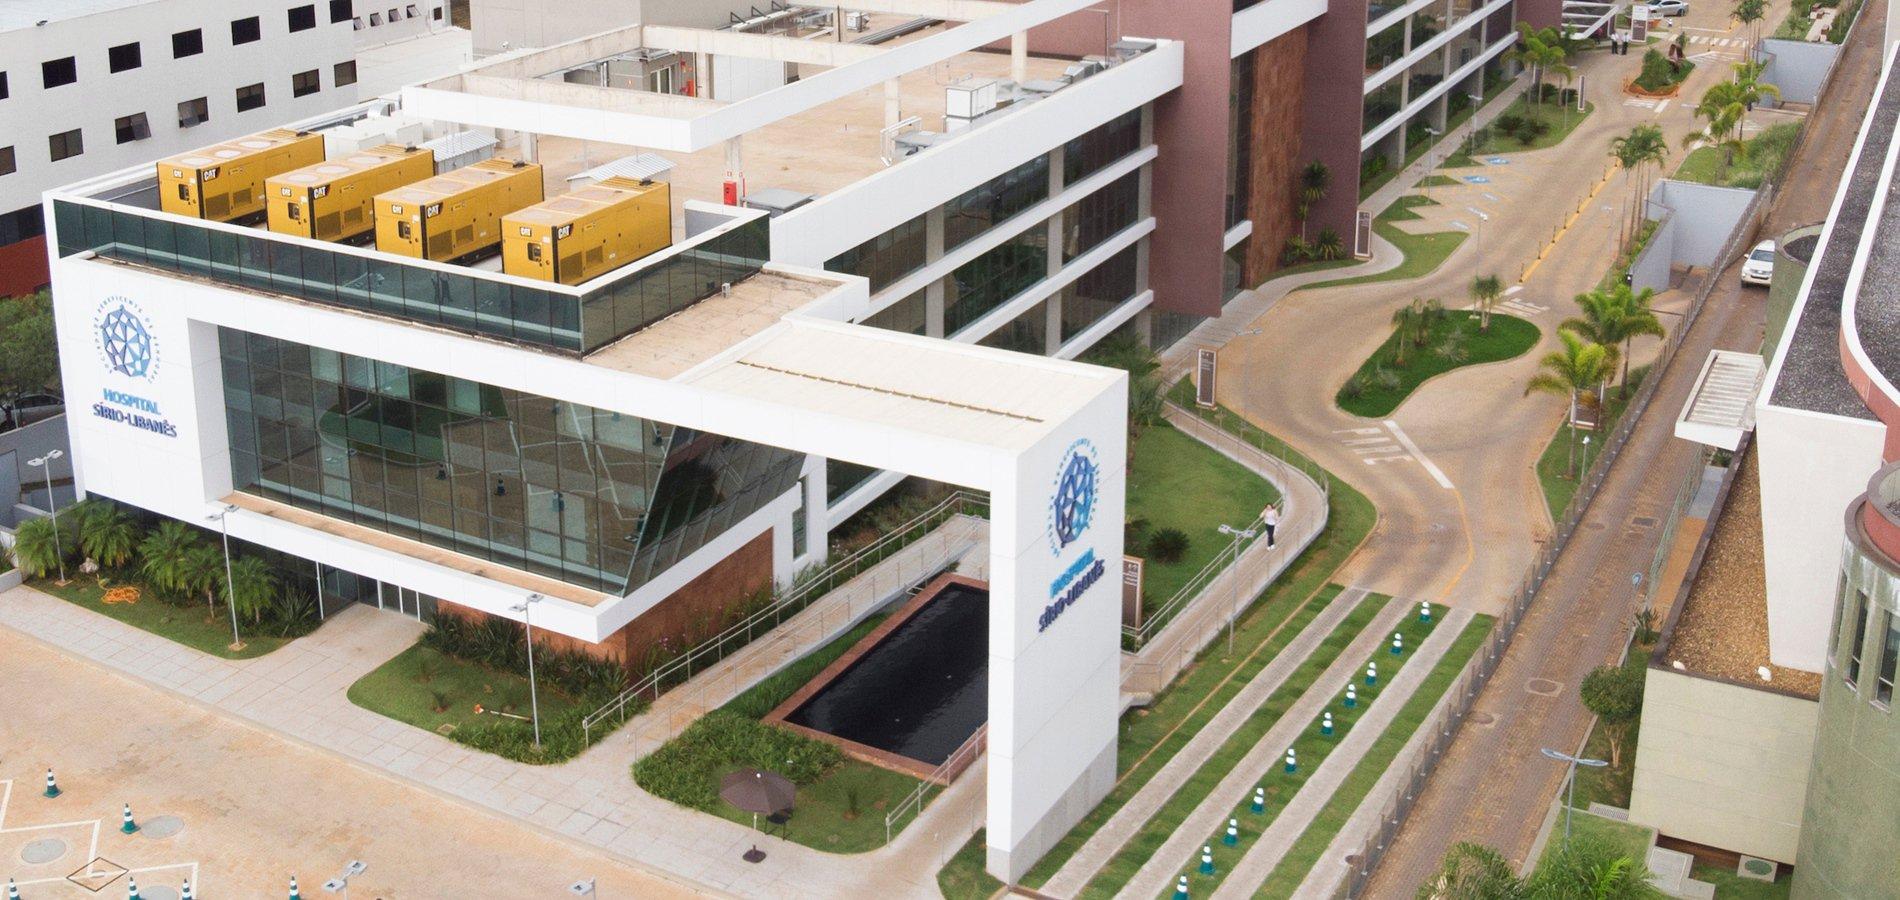 Desde 2011, hospital conta com duas unidades de oncologia e um Centro de Medicina Diagnóstica que, juntos, atendem 40 mil pacientes por ano